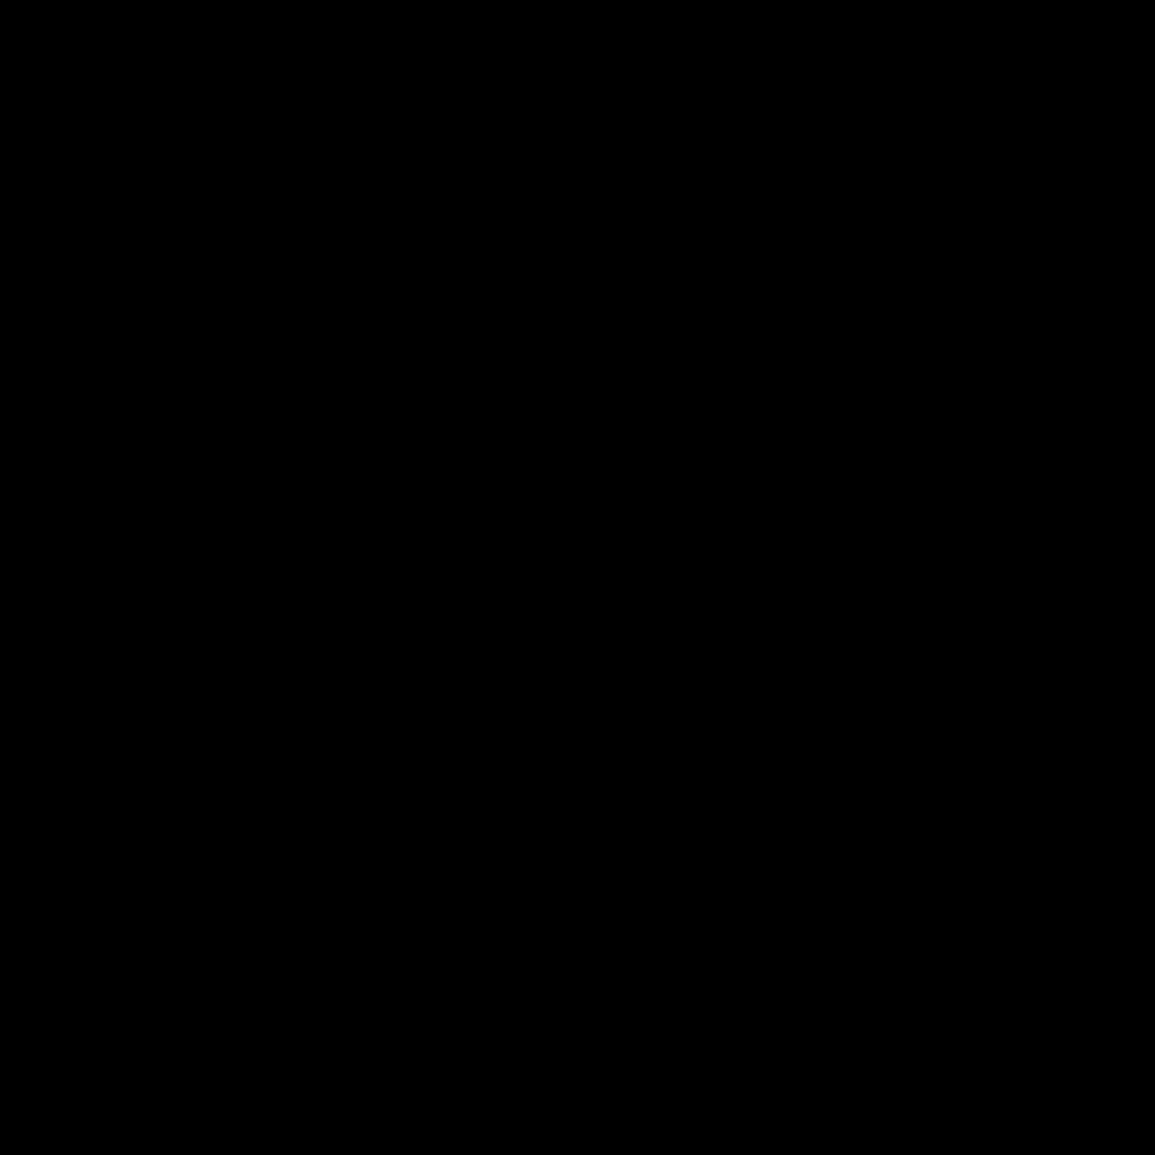 ゴカール DB(かな) DBGC 字形見本